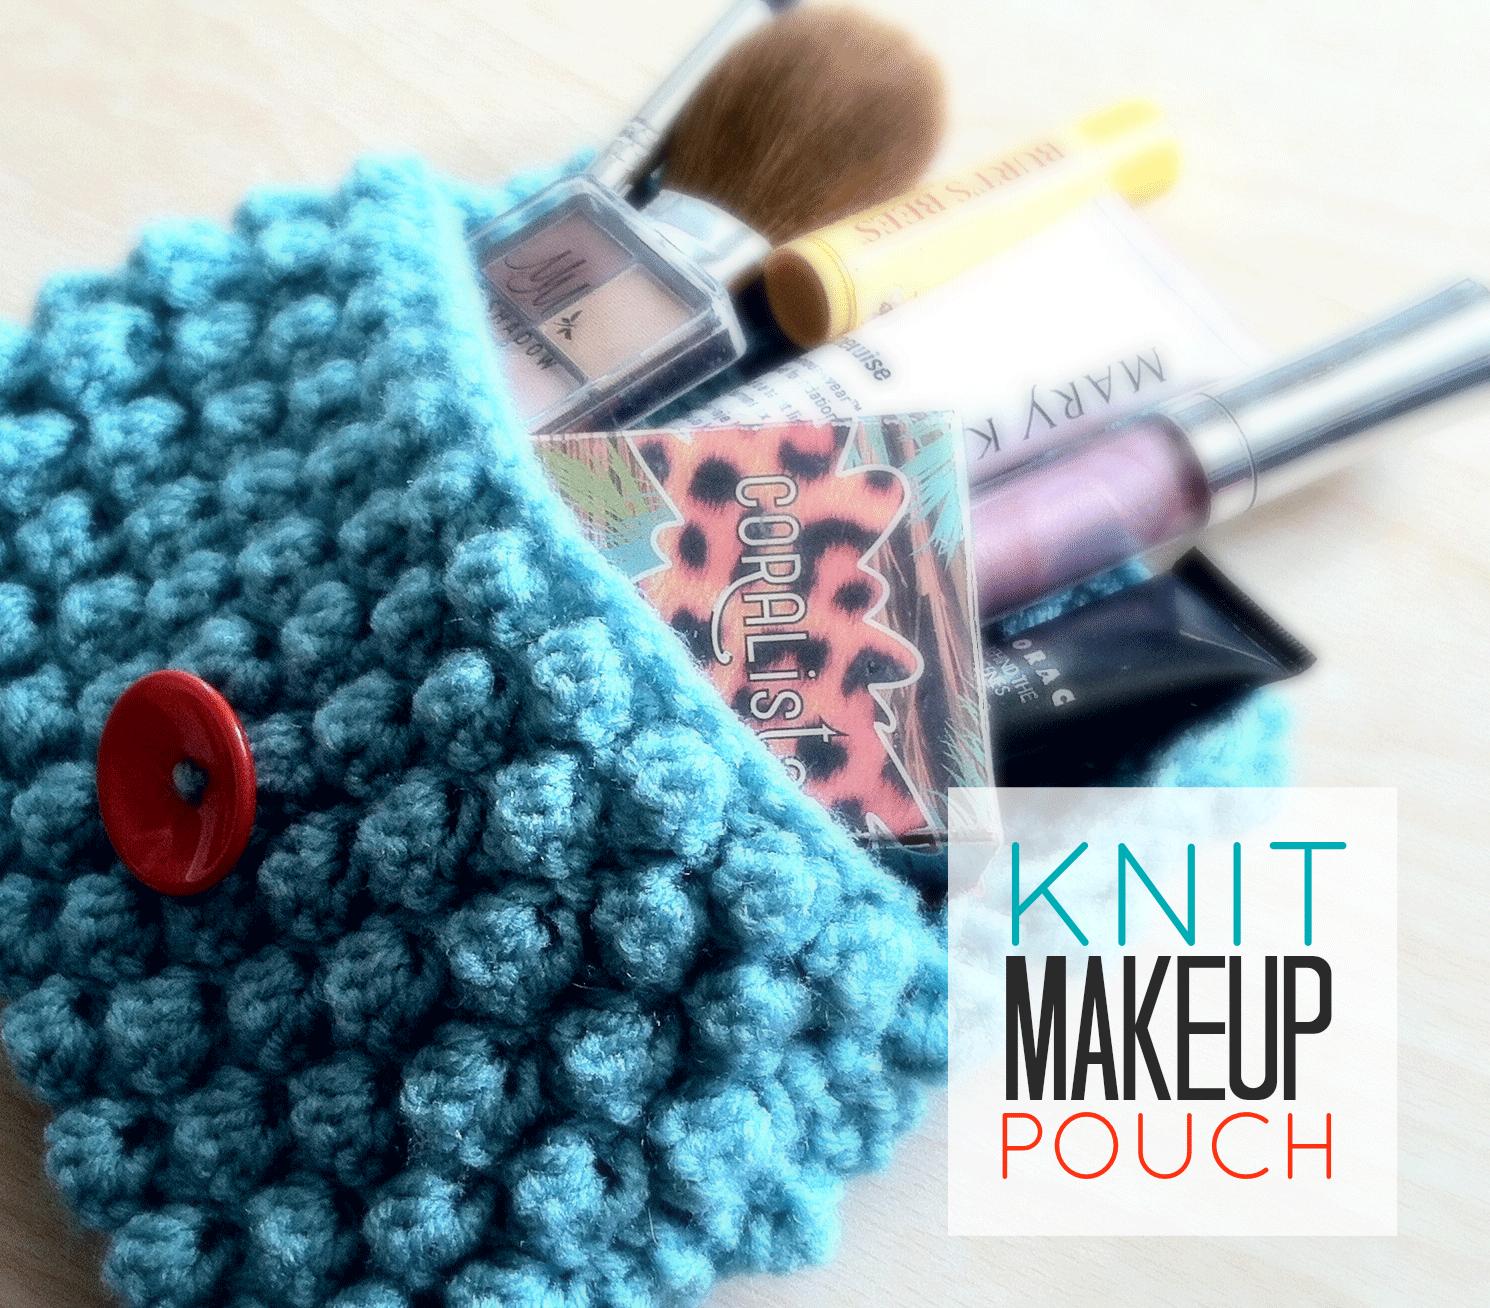 Knit Makeup Pouch